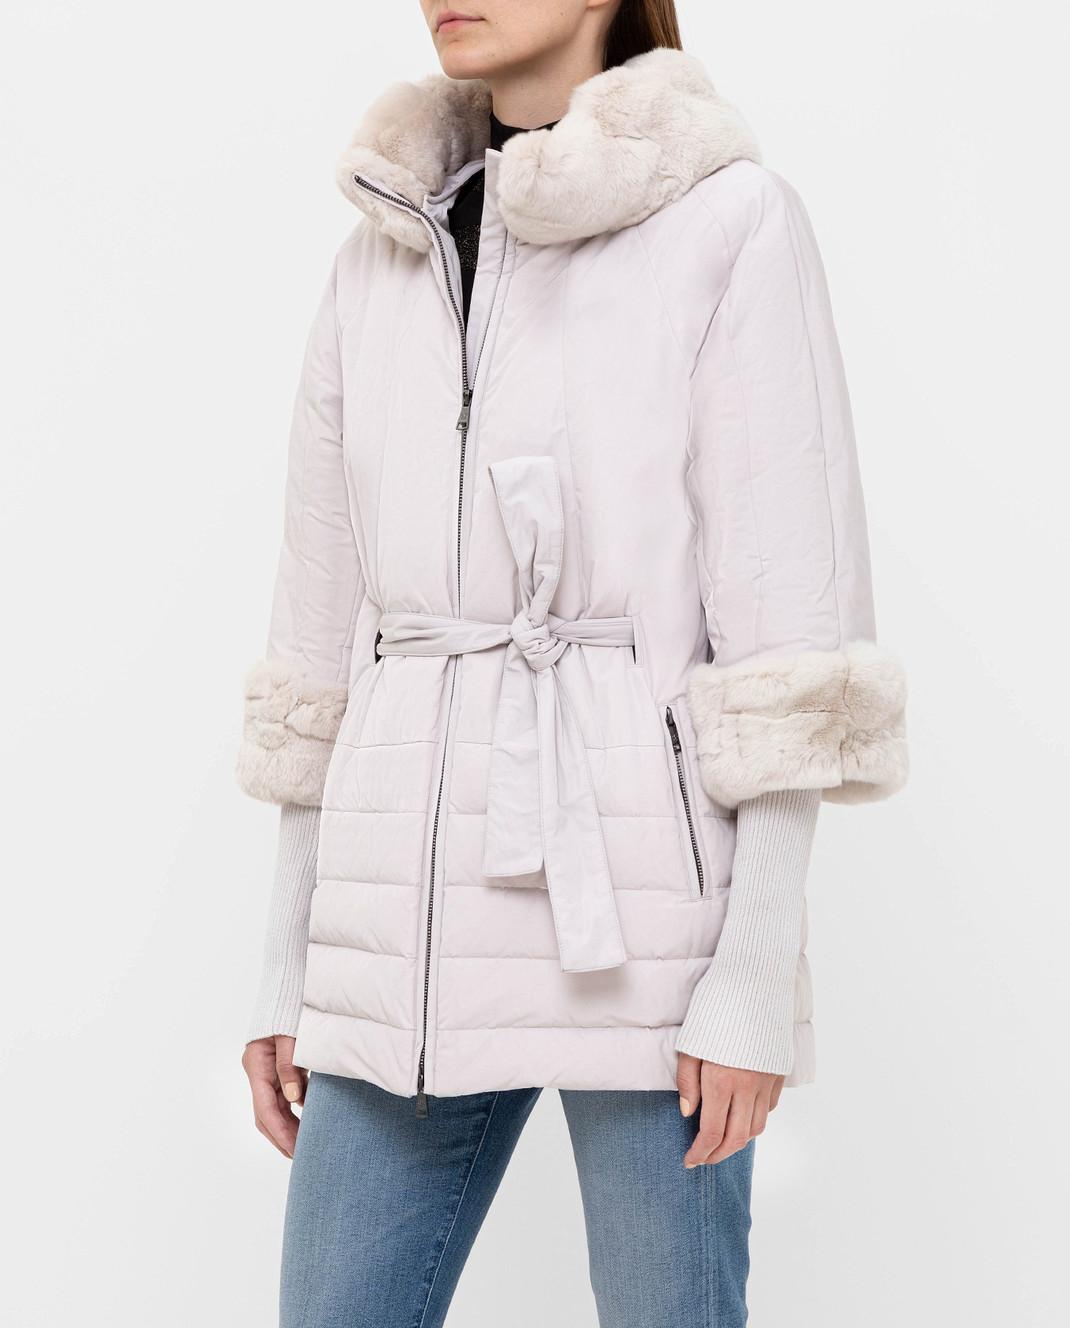 Florence Mode Светло-серый пуховик с мехом кролика изображение 3